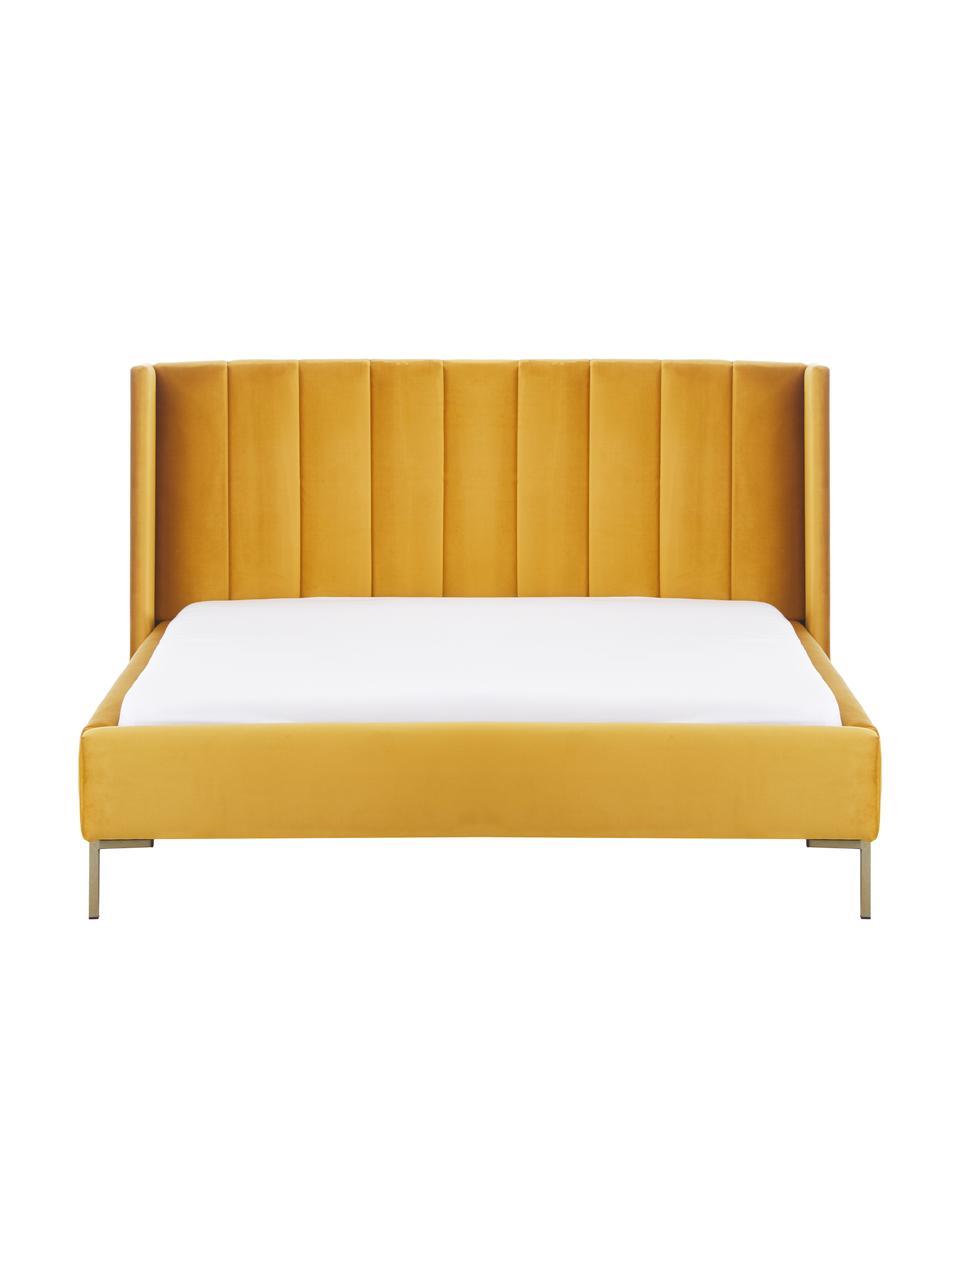 Cadre de lit en velours jaune Dusk, Velours jaune